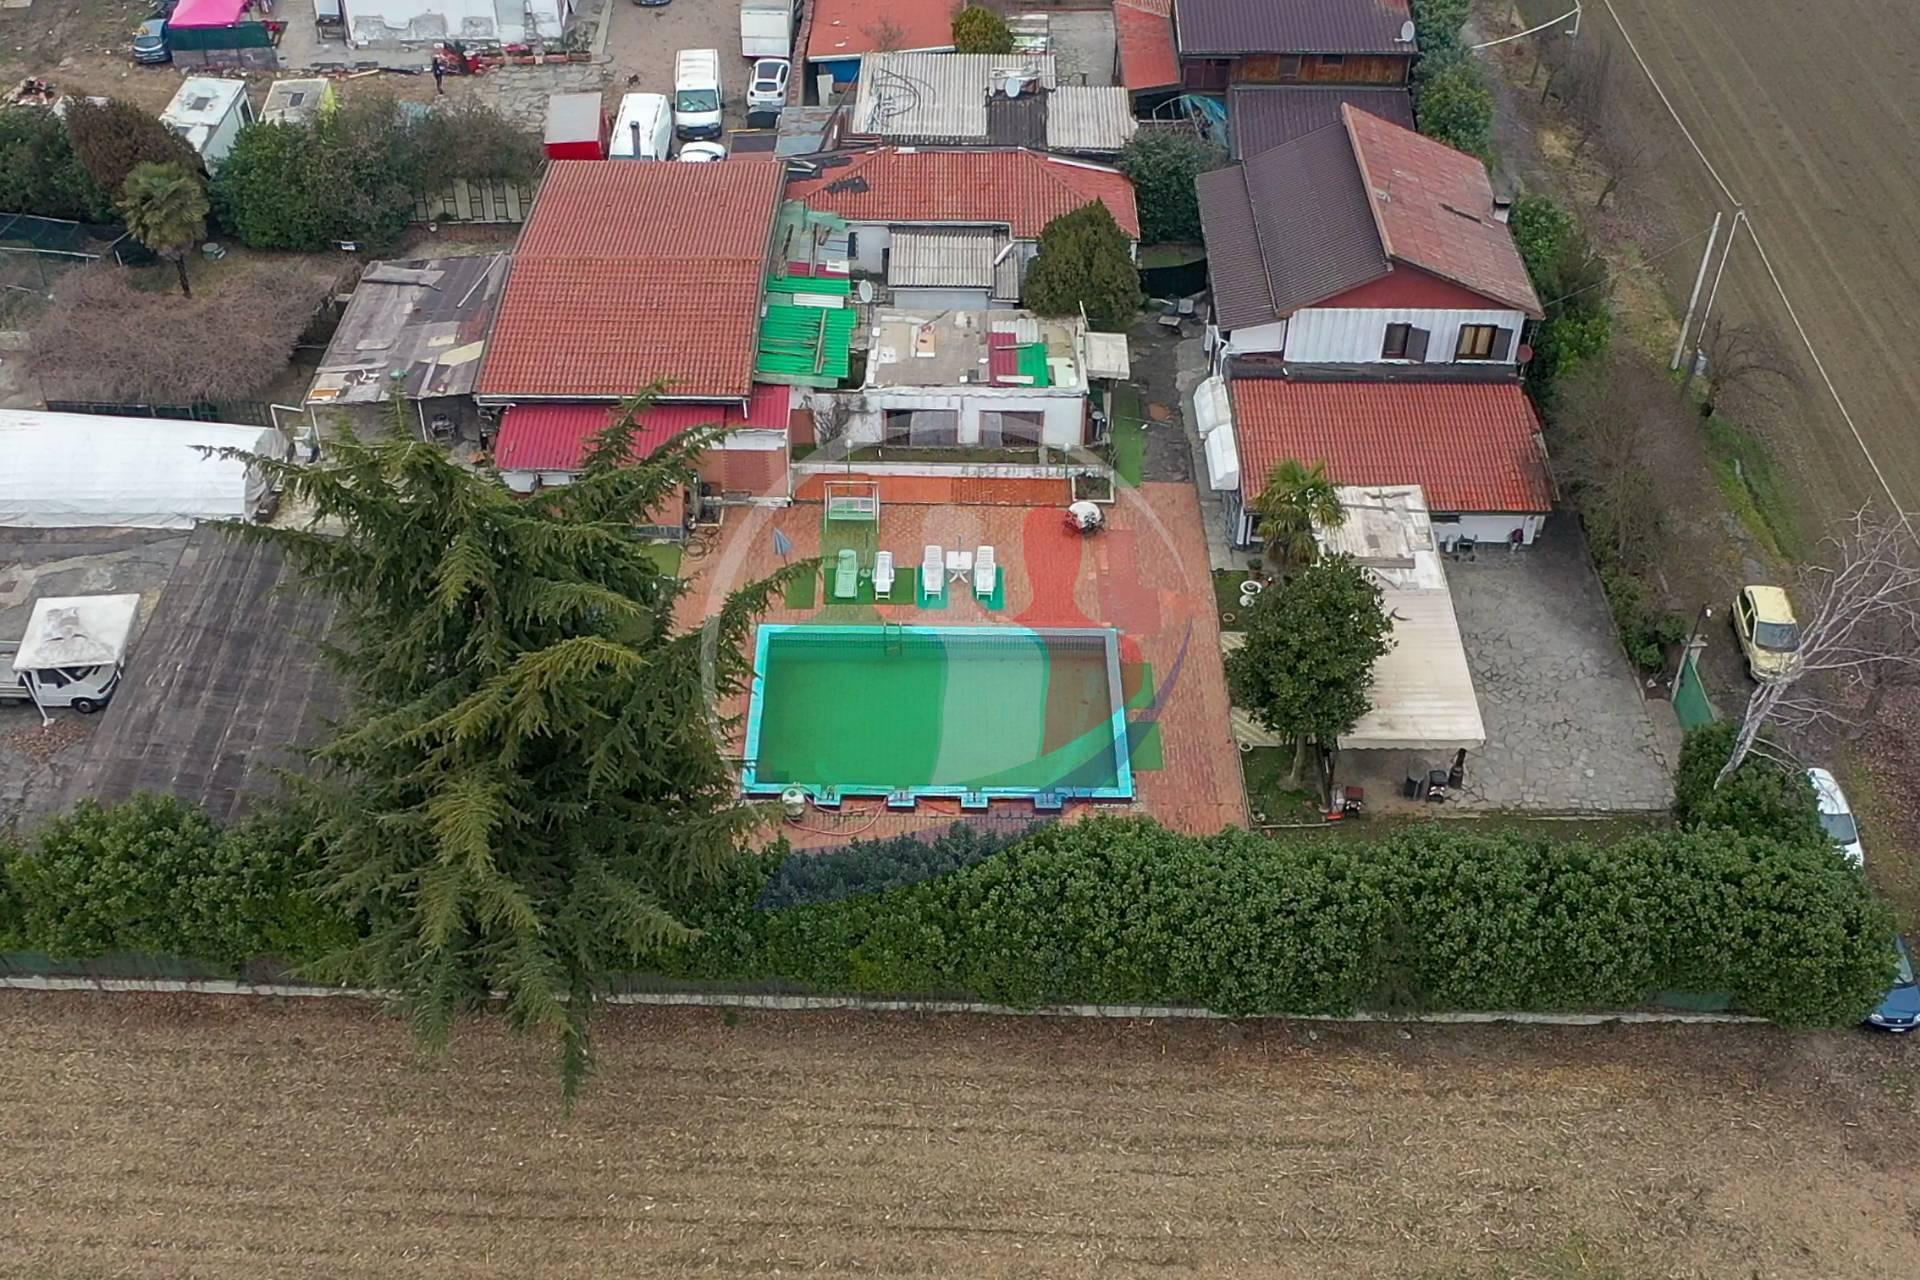 Soluzione Indipendente in vendita a Torino, 24 locali, zona Località: BarrieraDiMilanoFalcheraBarca-bertolla, prezzo € 540.000 | PortaleAgenzieImmobiliari.it